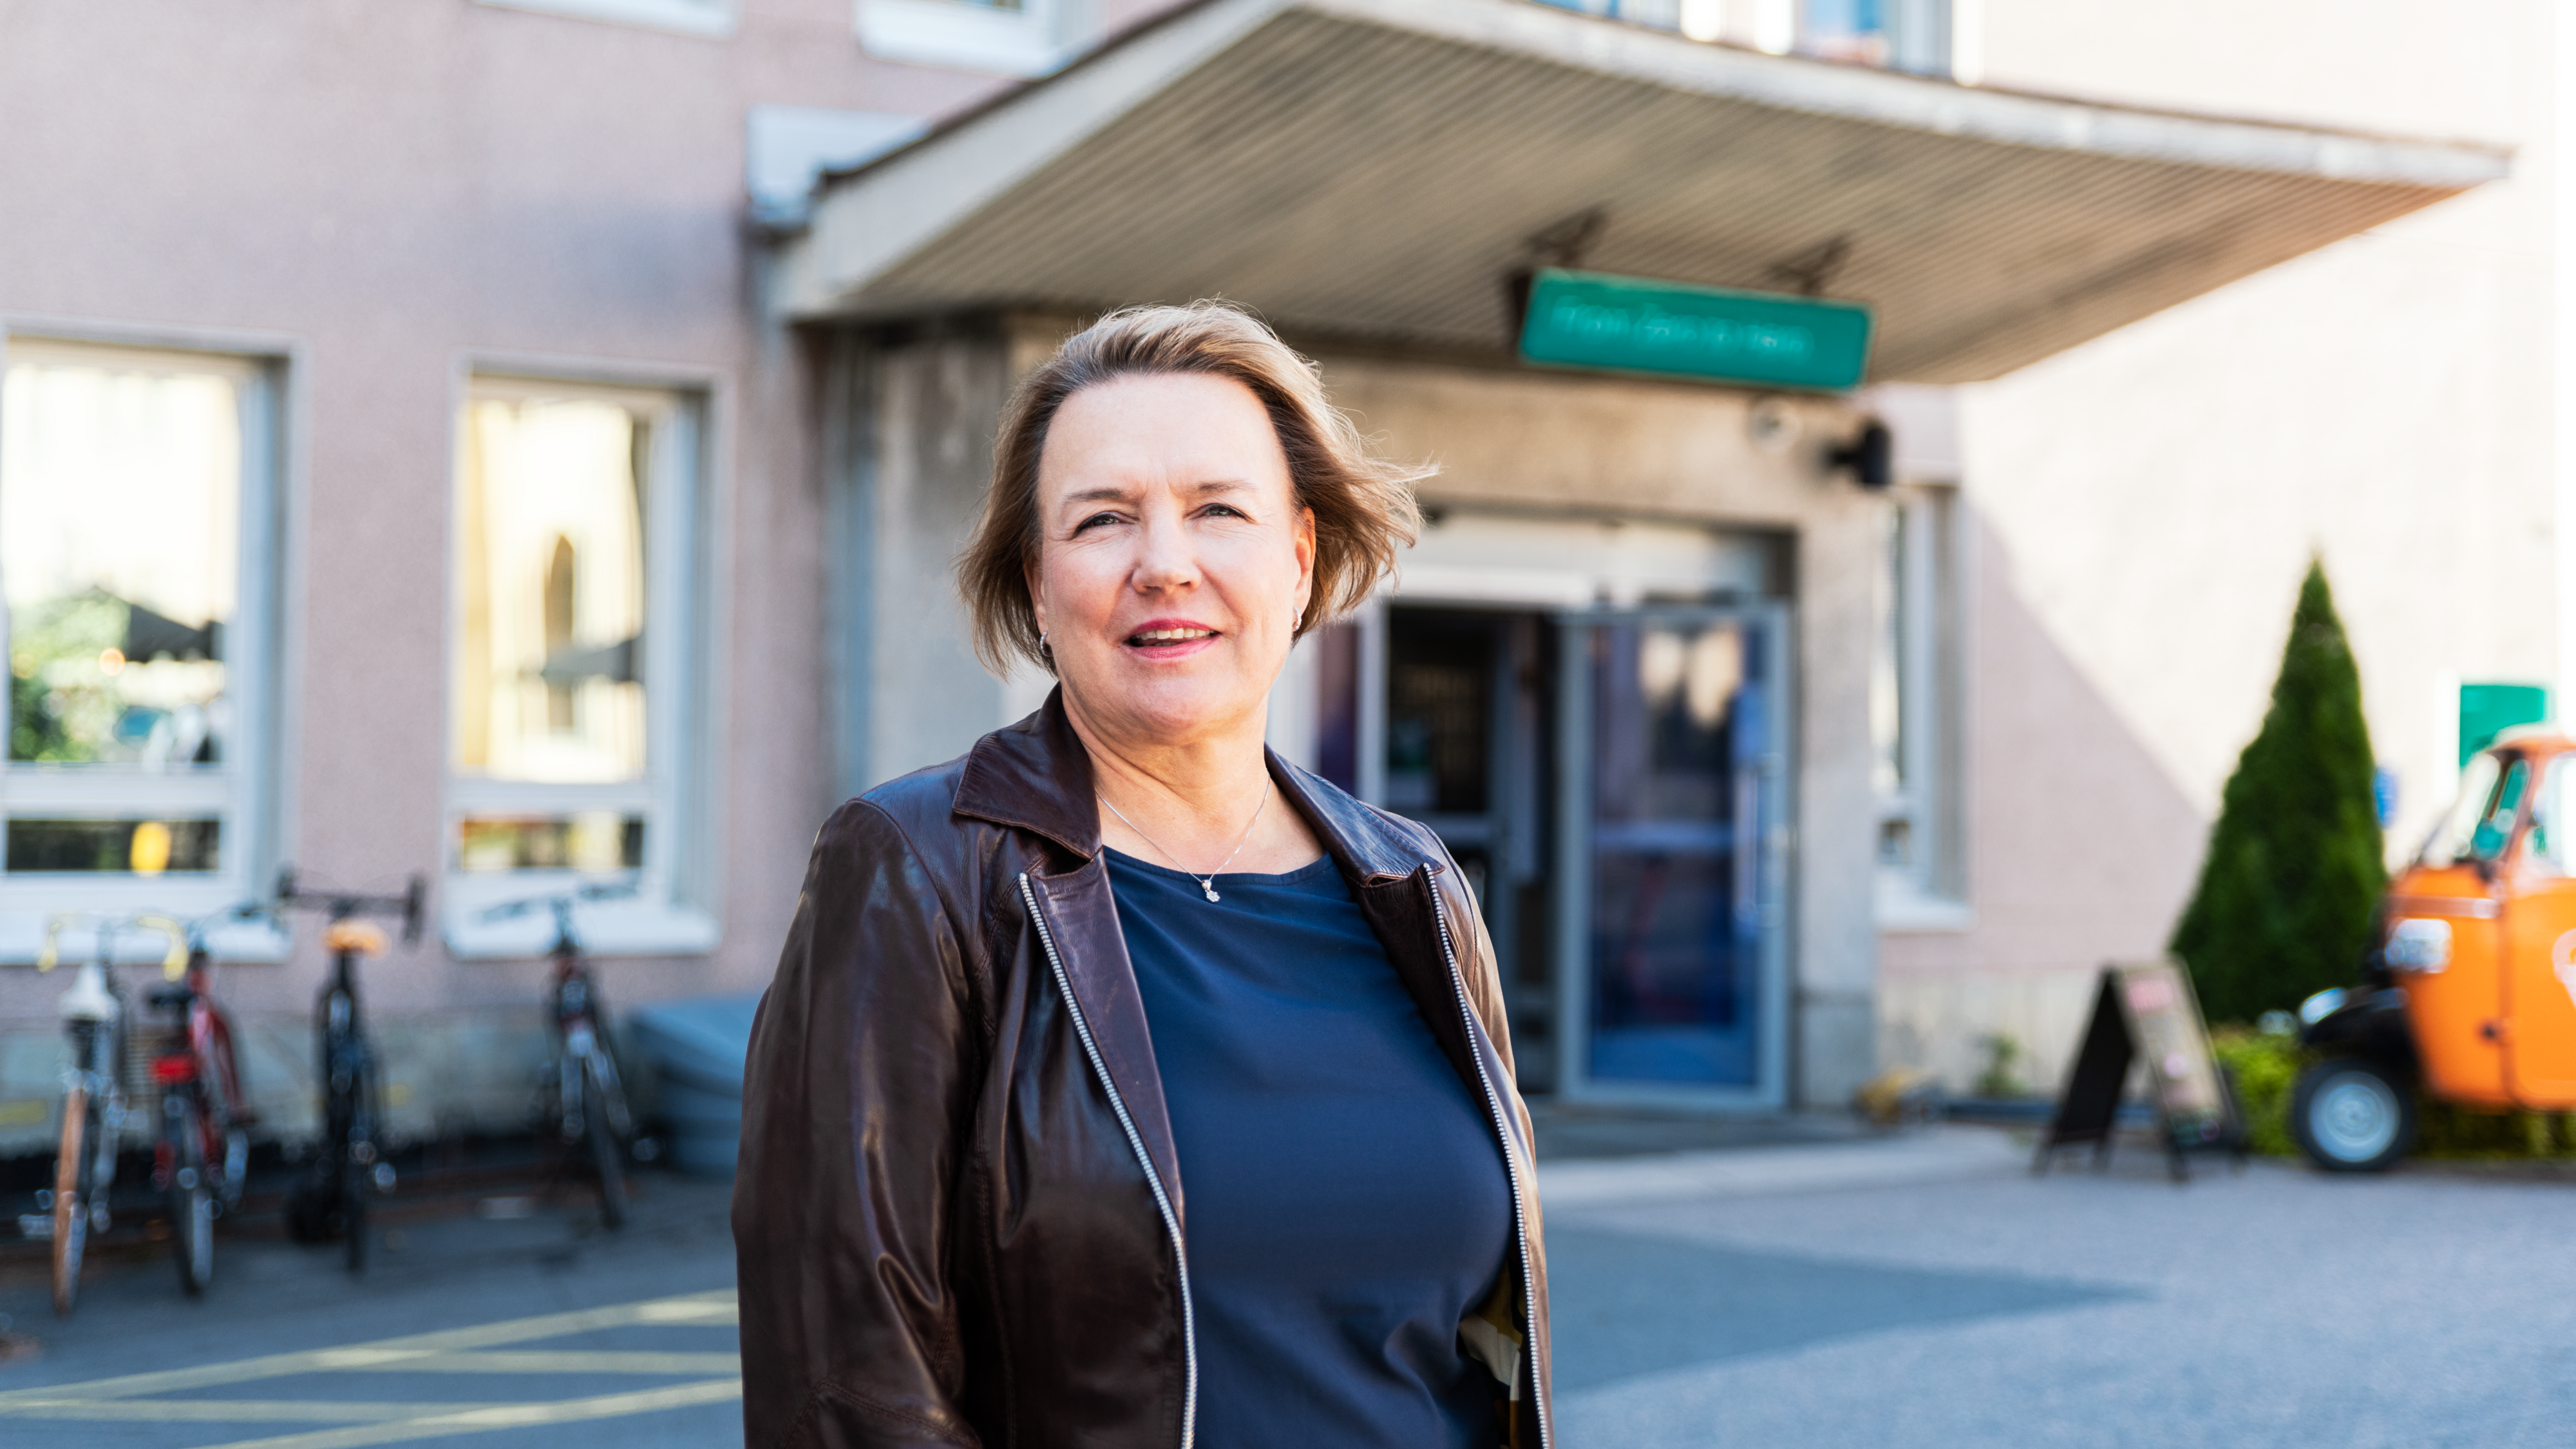 Aija Bärlund appointed as Interim Managing Director of FiBAN starting September 2021